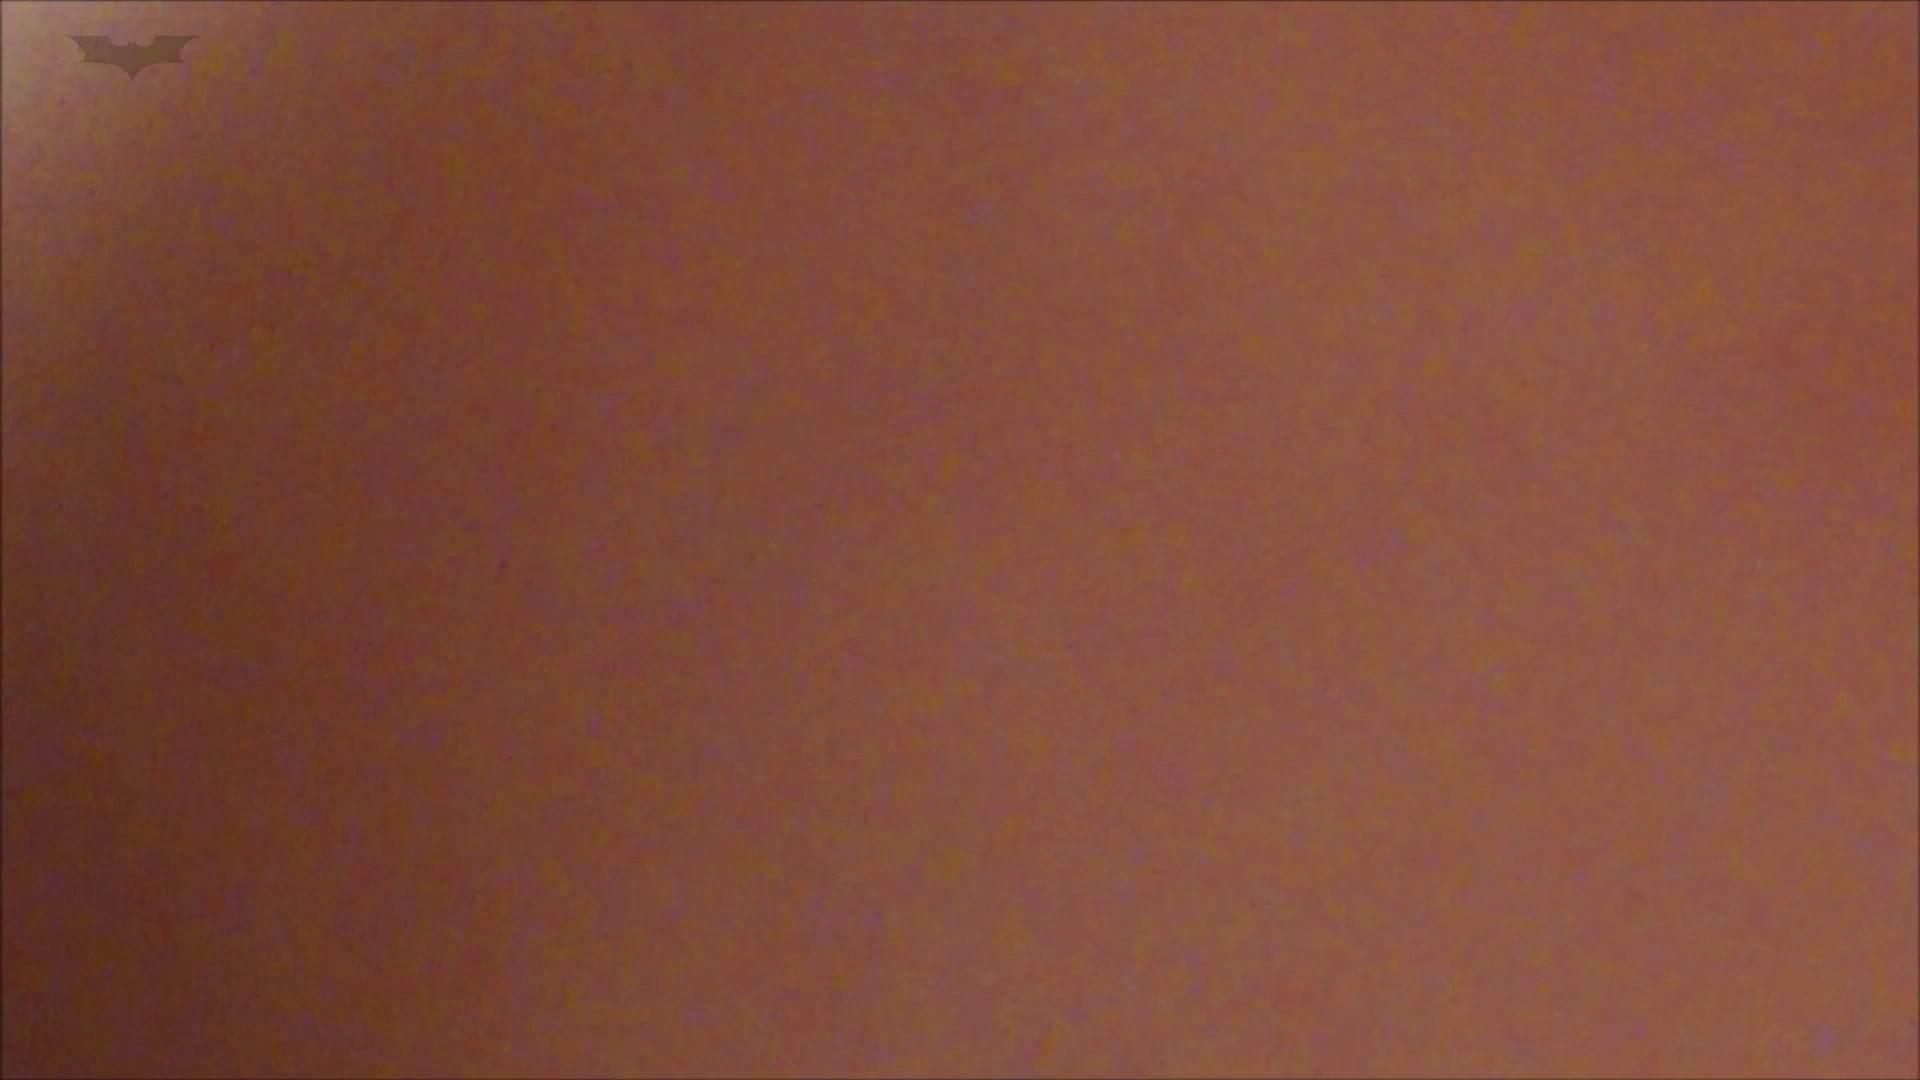 内緒でデリヘル盗撮 Vol.03中編 美肌、美人のデリ嬢にいよいよ挿入! OLの実態 | 美人  93pic 61